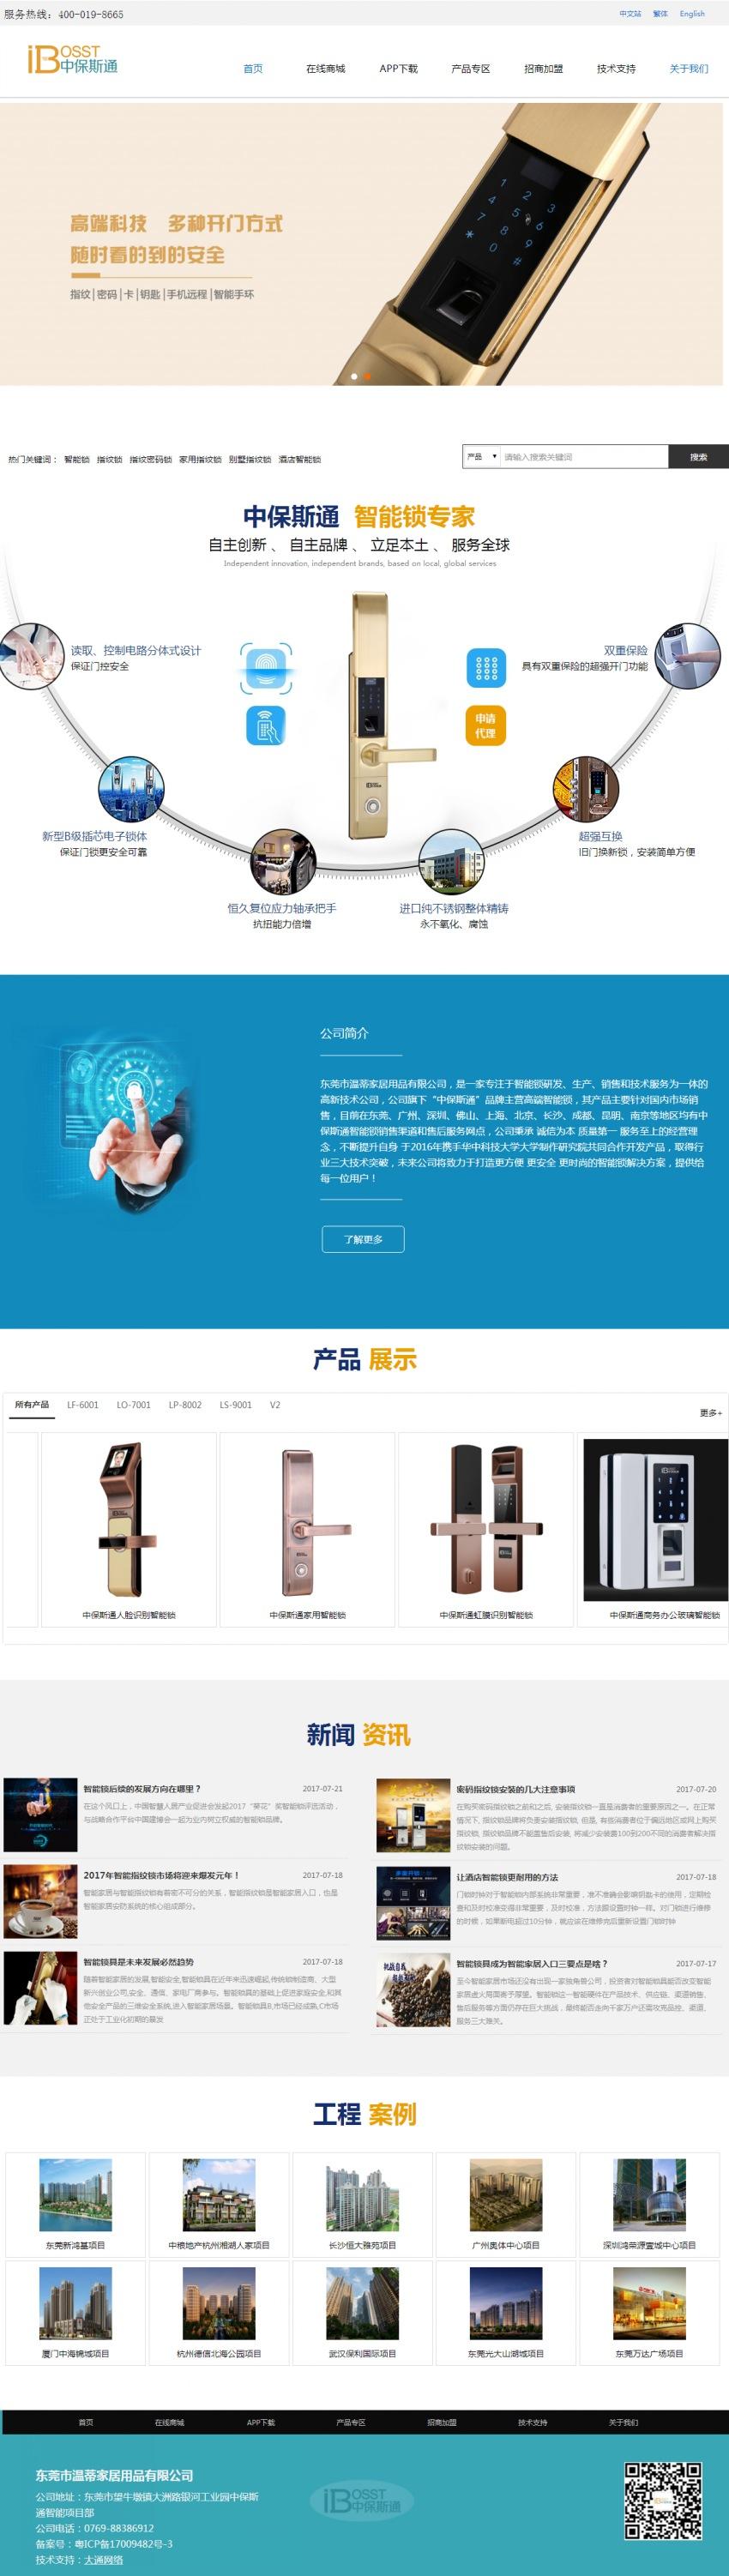 智能家居/智能锁网站建设案例